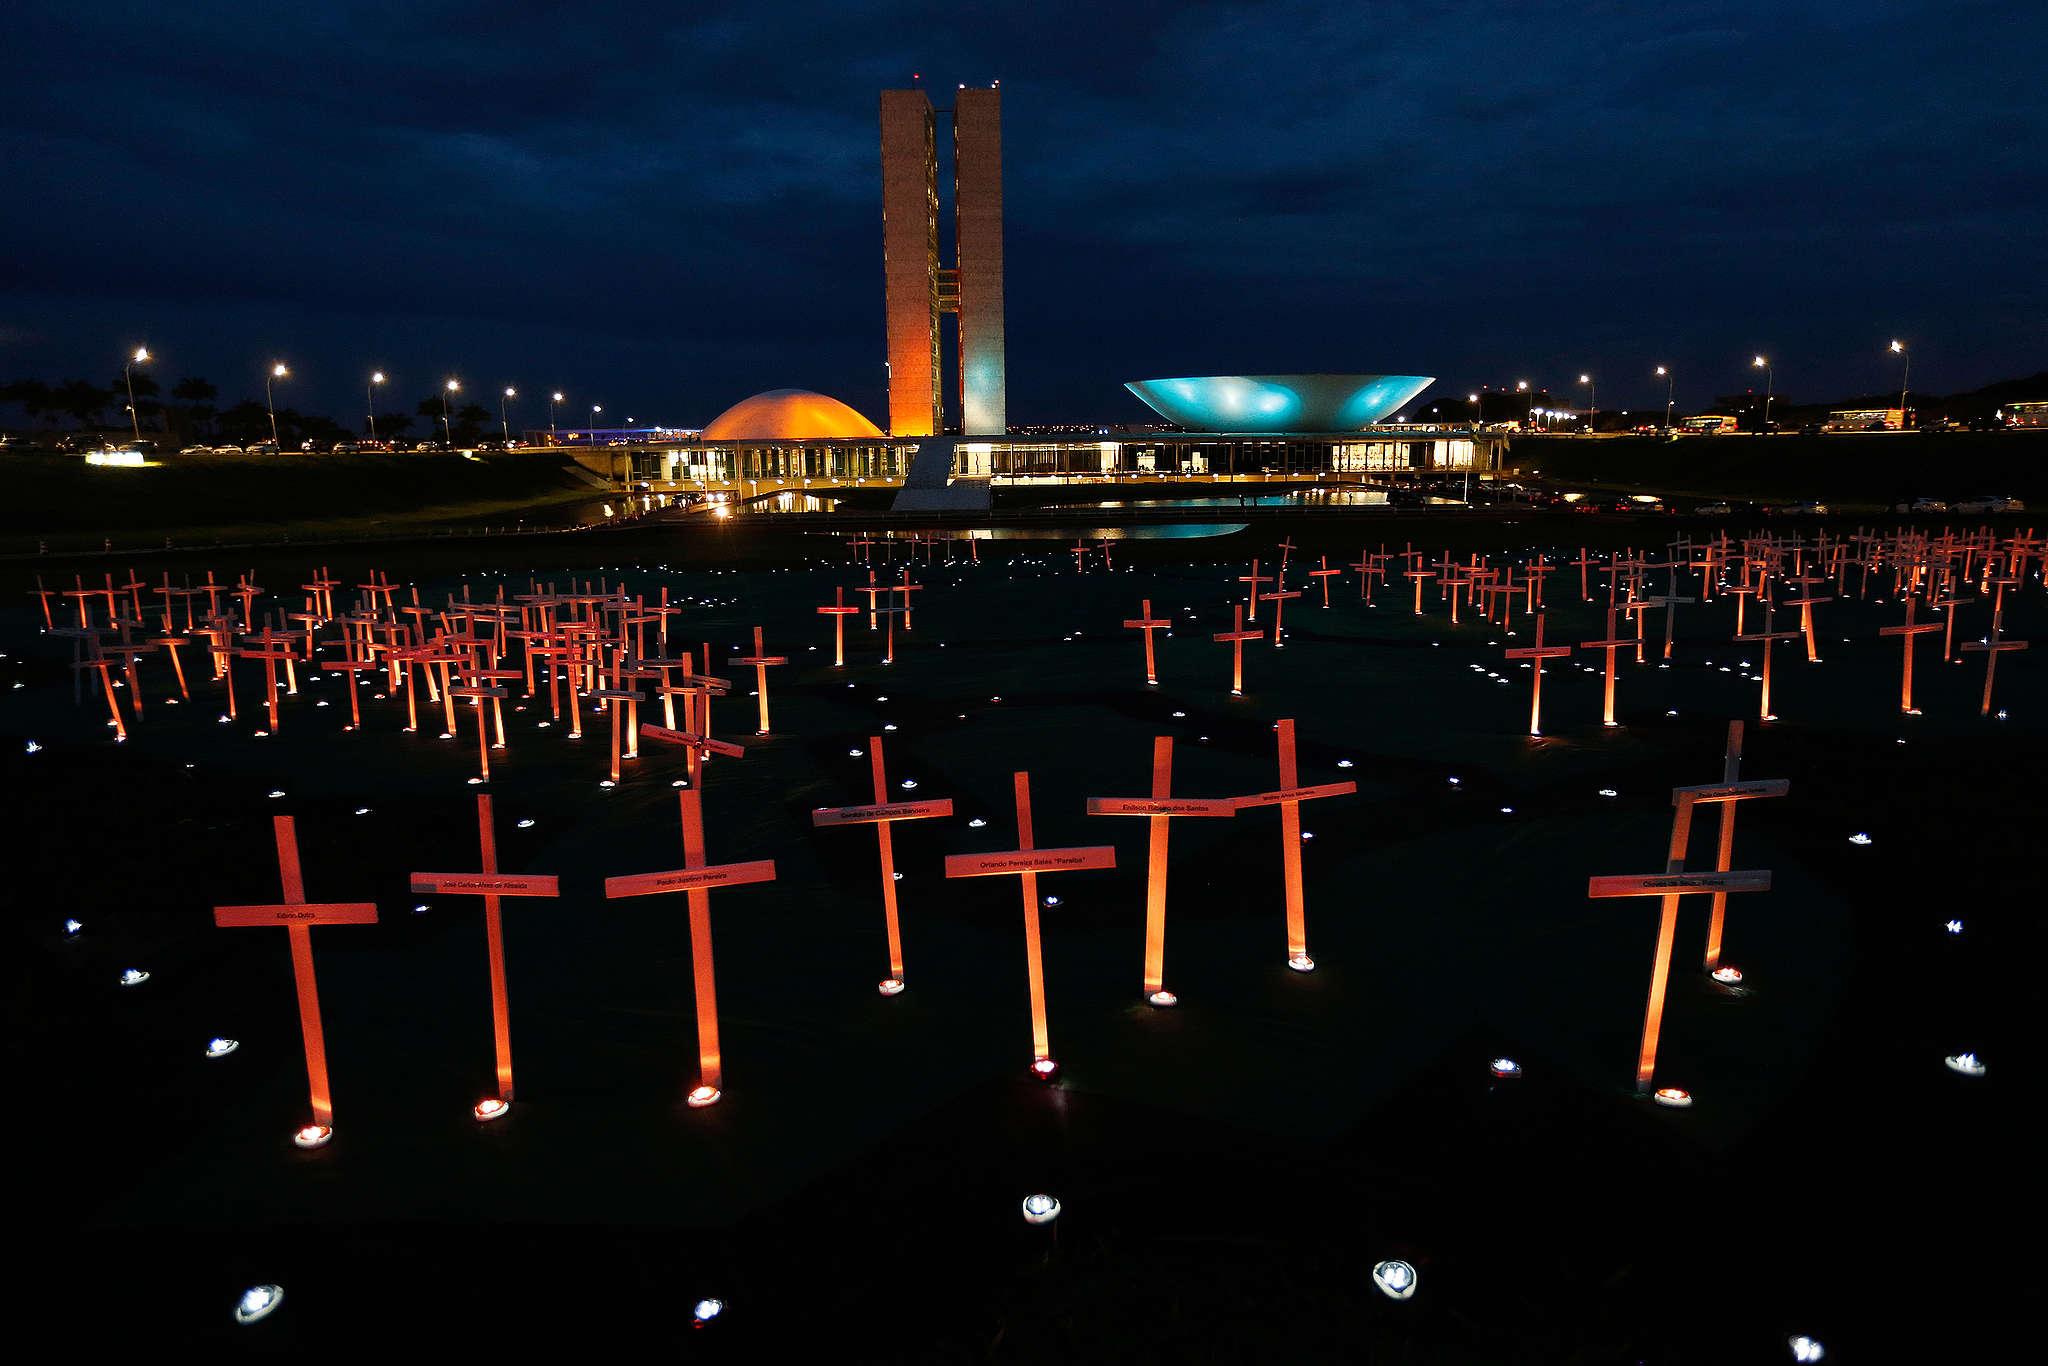 Em um protesto em frente ao Congresso Nacional, cobramos o fim da impunidade para crimes na floresta. As 251 cruzes que levamos ao Congresso simbolizaram os 251 assassinatos ocorridos na Amazônia de 2007 a 2016. (Foto: © Adriano Machado / Greenpeace)